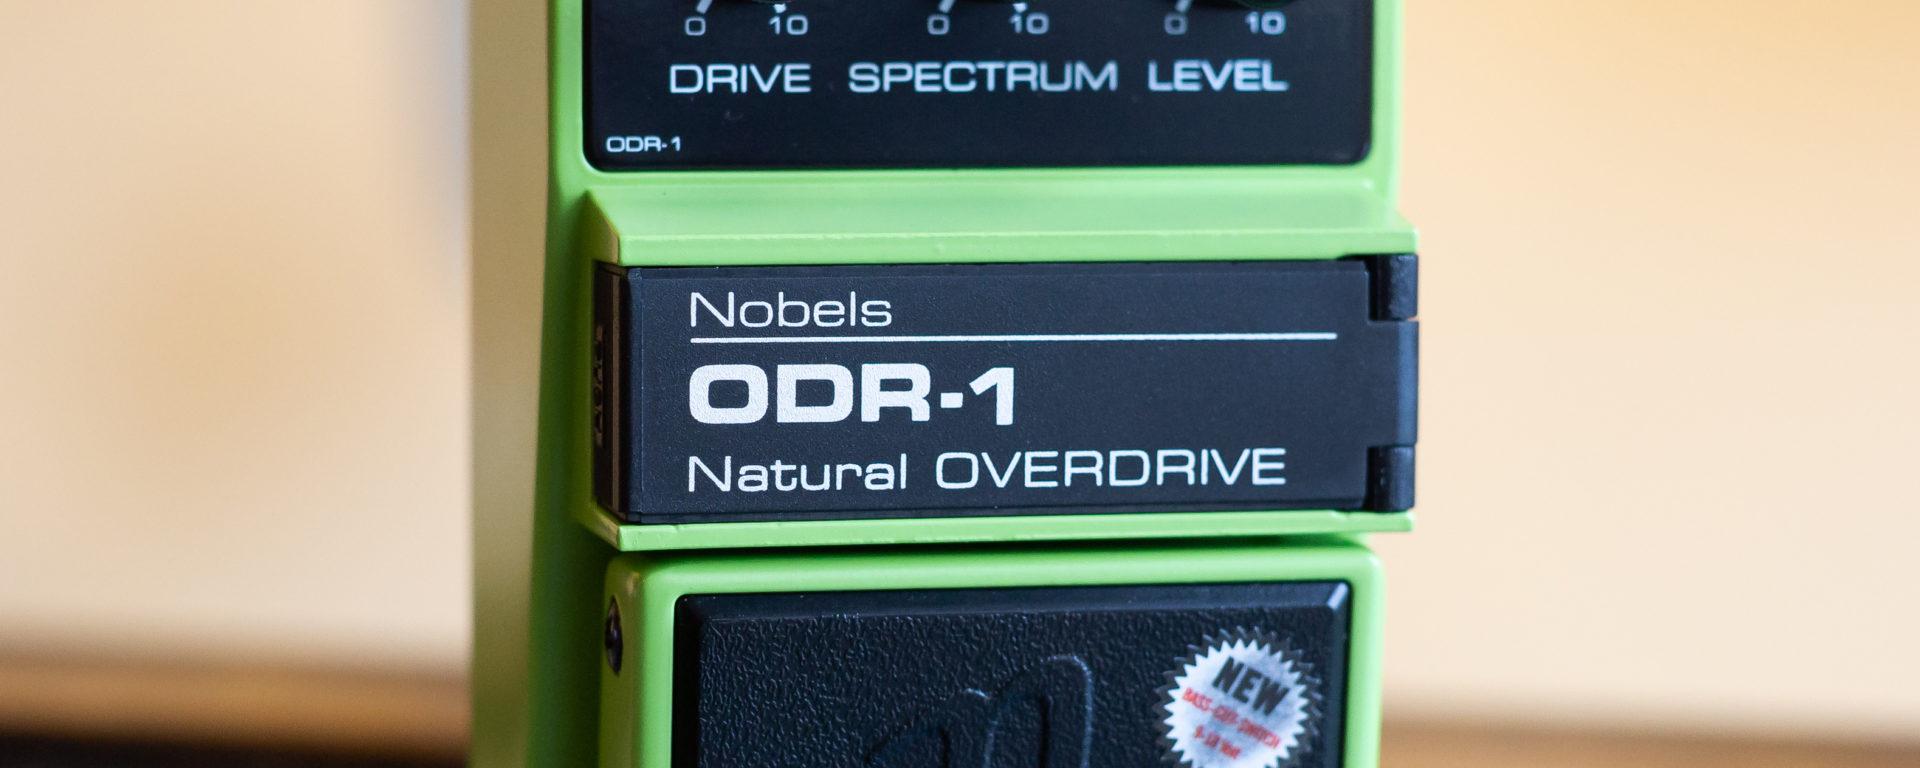 Nobels ODR-1 (bc) Overdrive